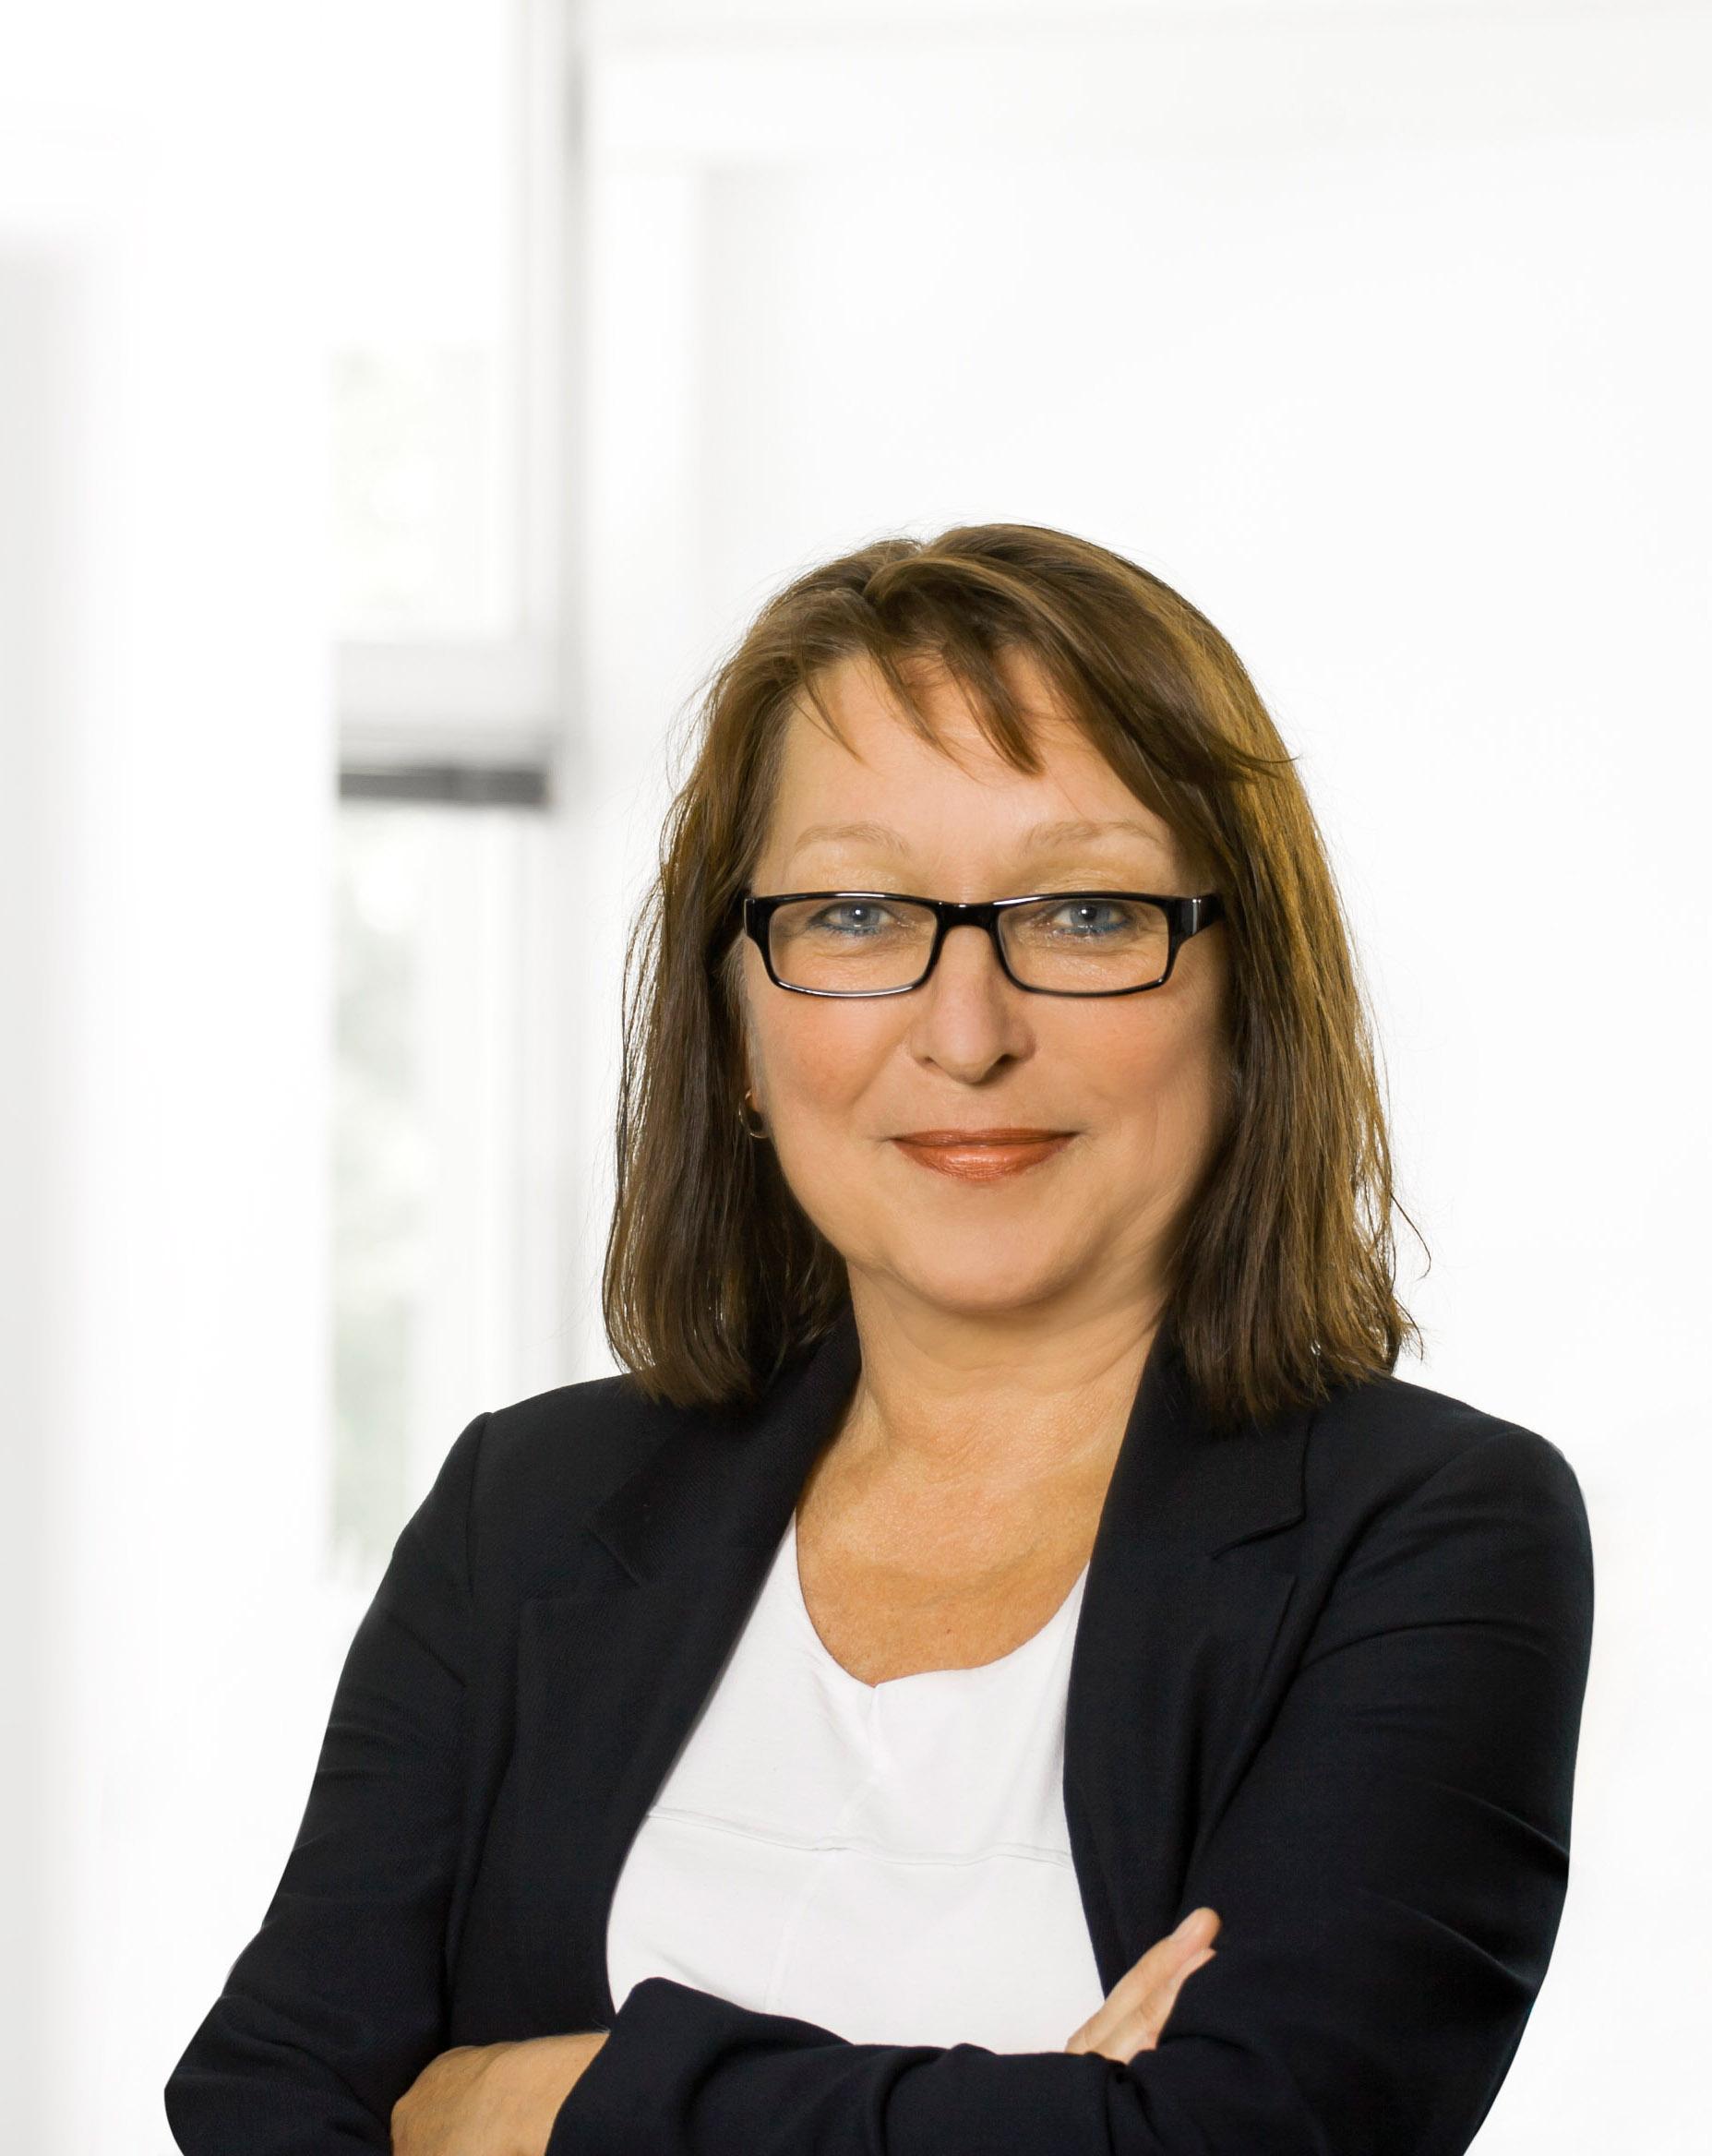 Gabi Nettermann